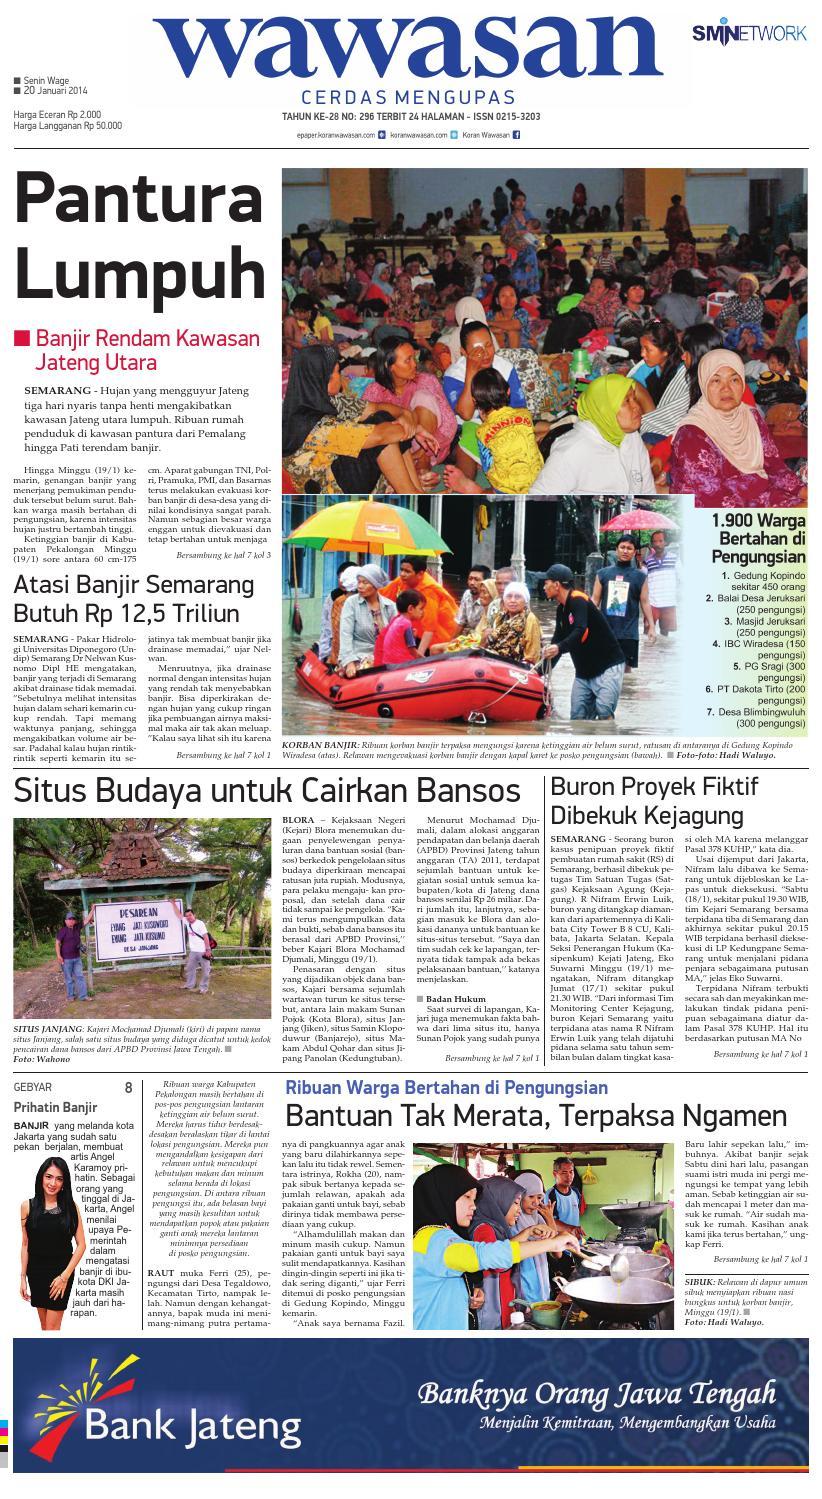 wawasan 20 januari 2014 by koran pagi wawasan issuuIrdk Prihatin Nasi Bungkus Air Minuman #12